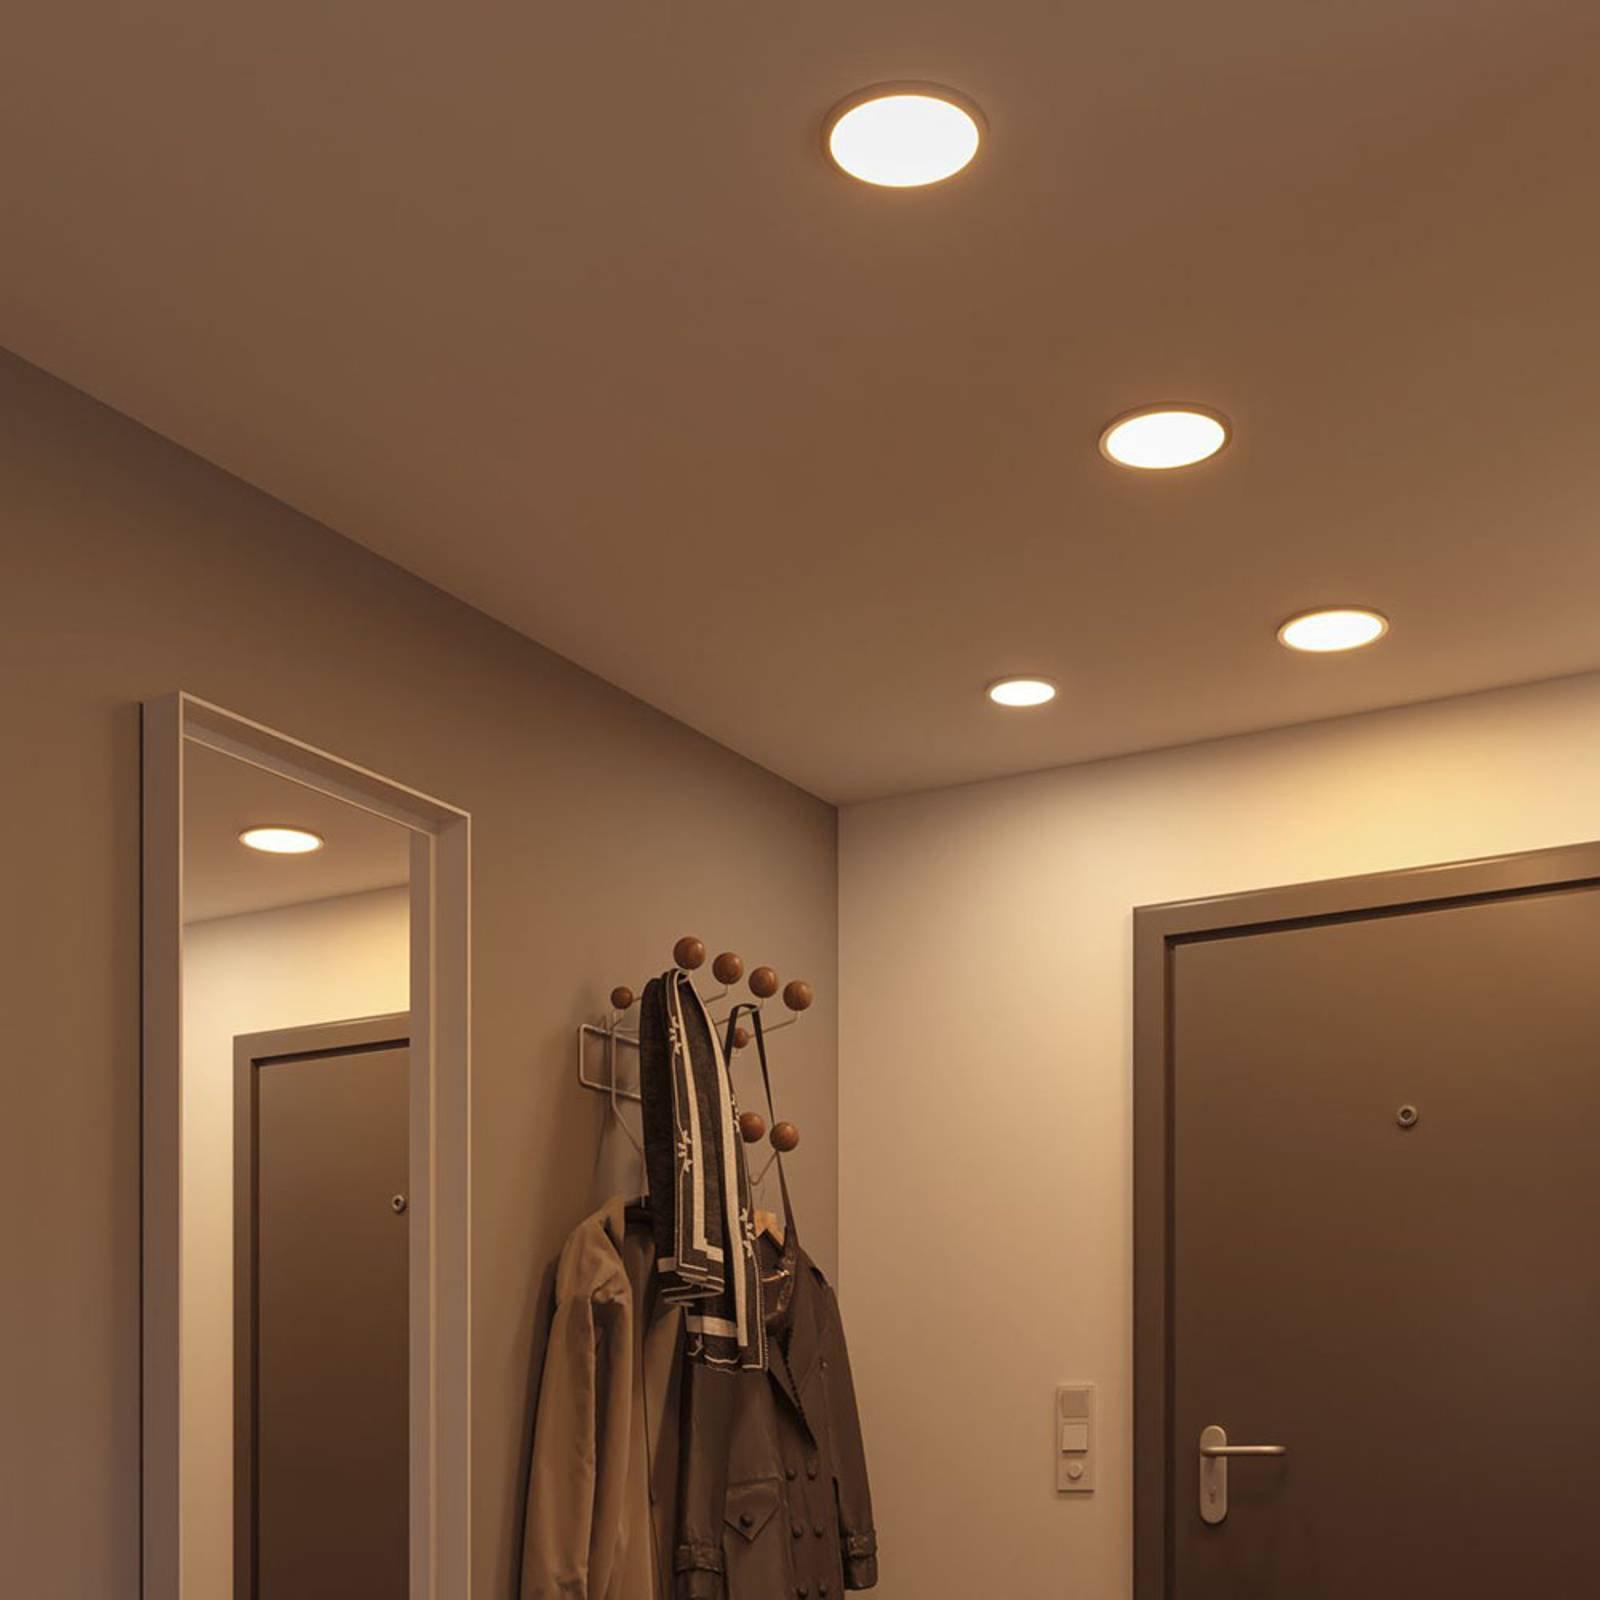 Paulmann LED-panel Areo 3 000 K rund krom 11,8 cm